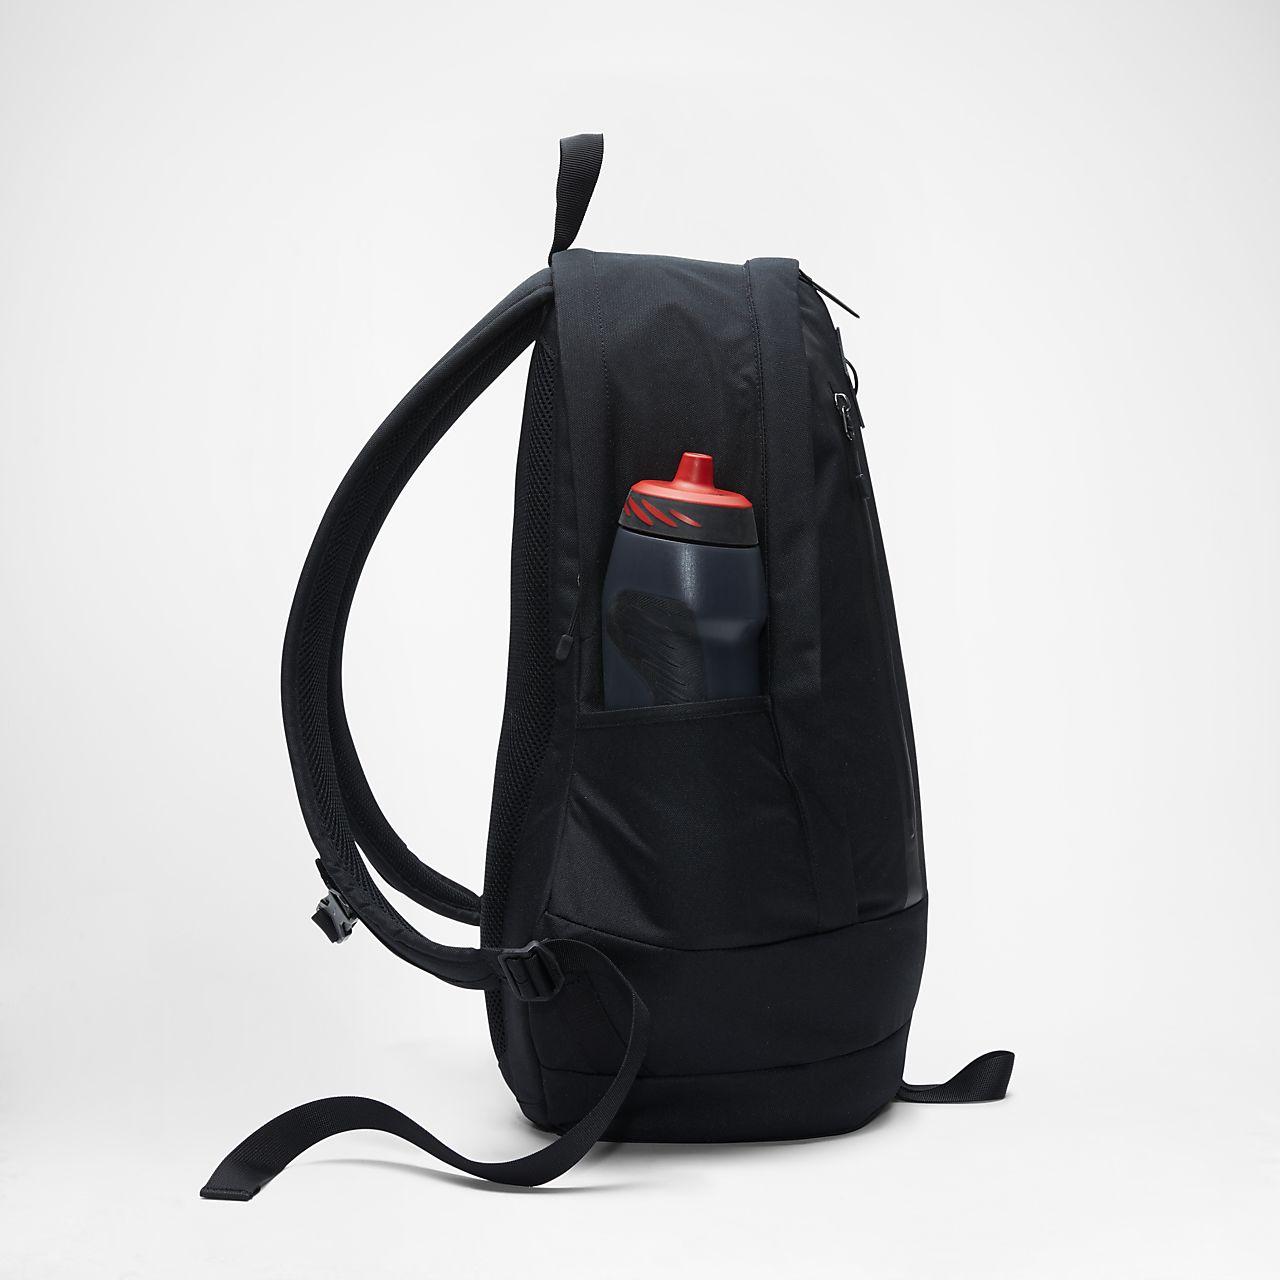 cb0437f5d1a0 Nike Sportswear Cheyenne 3.0 Solid Backpack. Nike.com AU